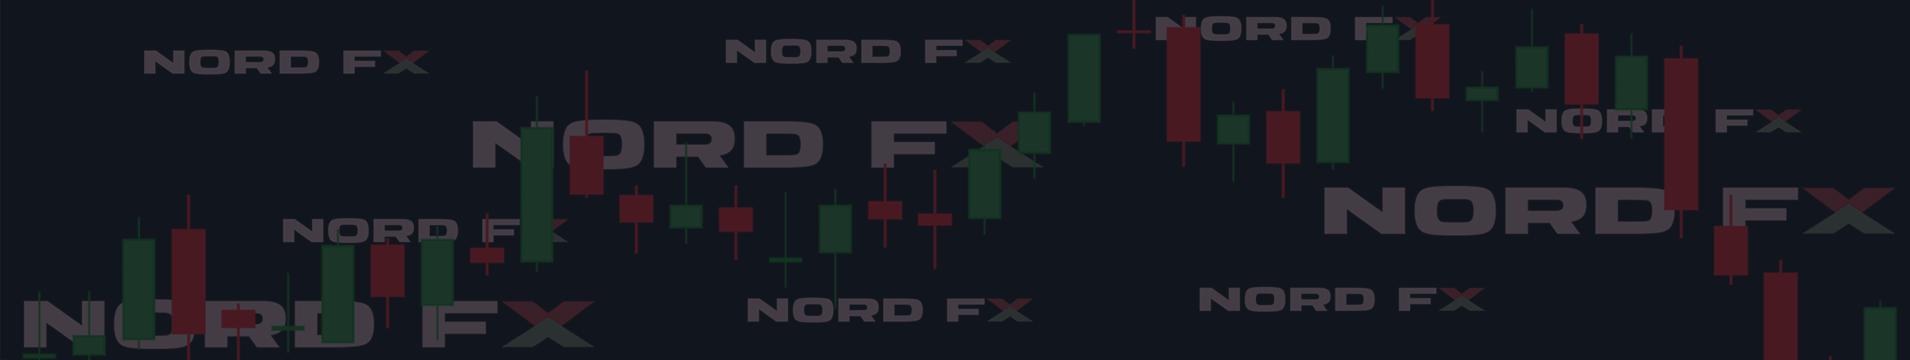 bináris opciók nordfx opteck bináris opciók újonc vélemények